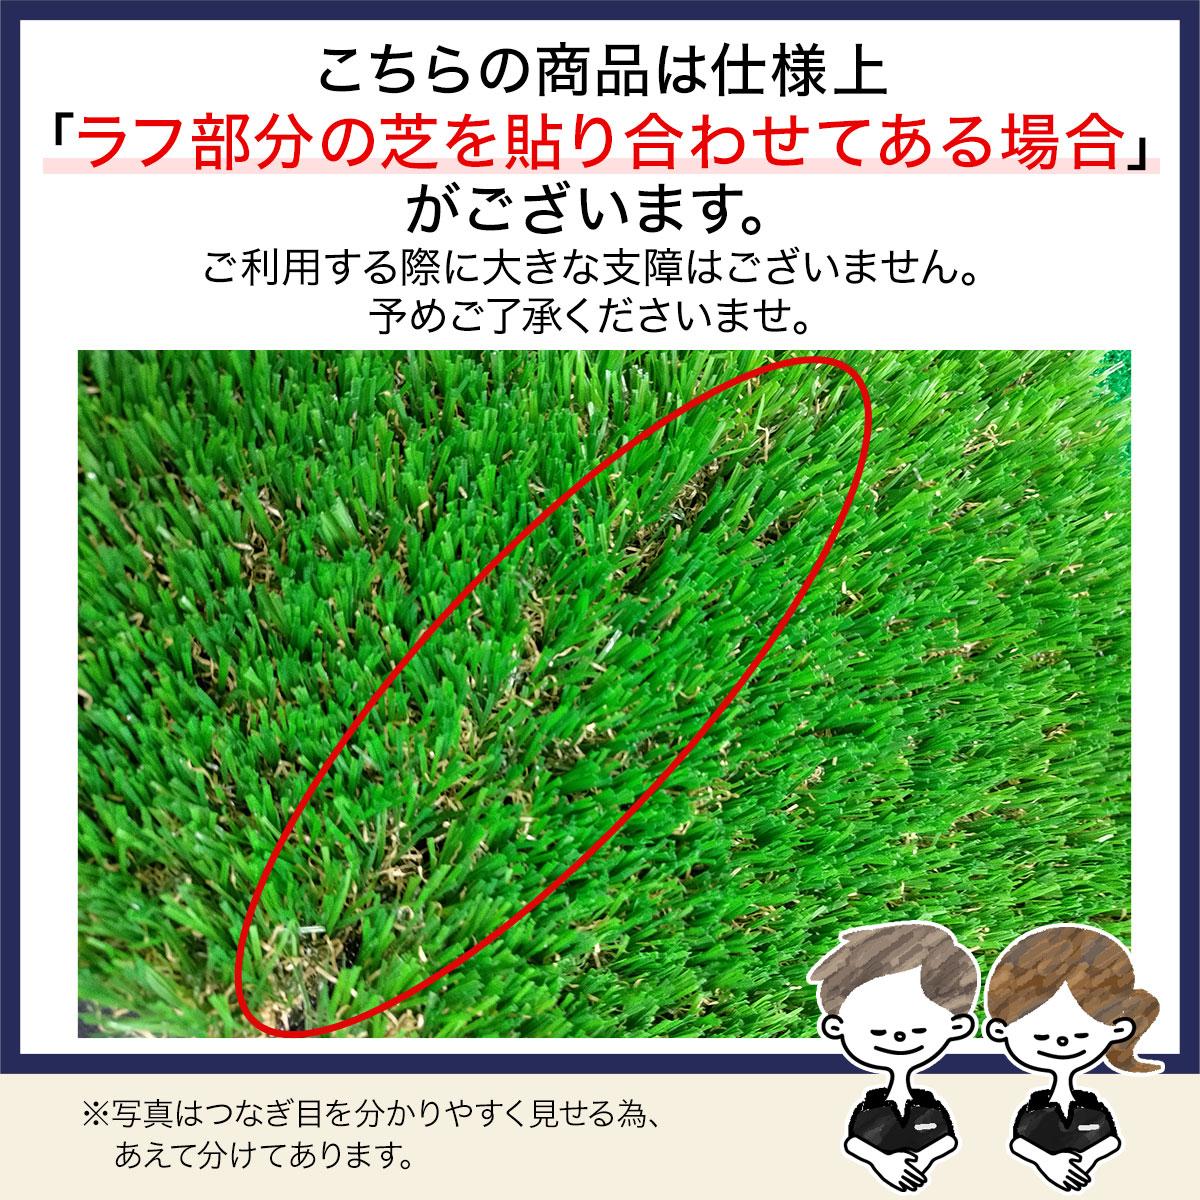 GolfStyle パターマット ゴルフ パッティング 練習 人工芝 グリーン 300×100cm 大型 Gシリーズ